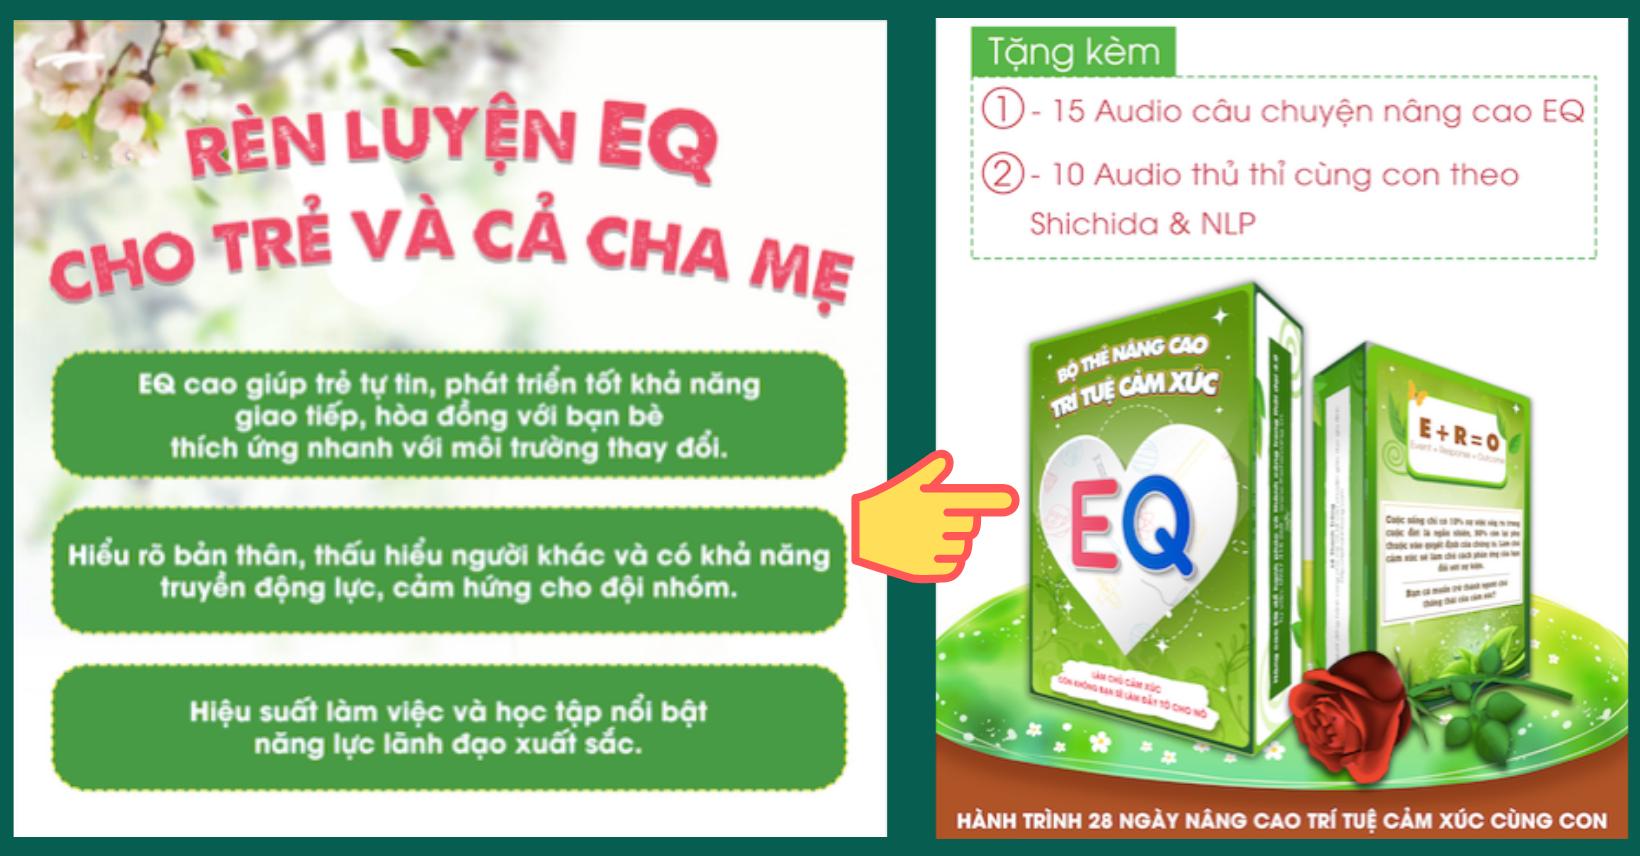 Bộ thẻ nâng cao trí tuệ cảm xúc (EQ) tại nhà